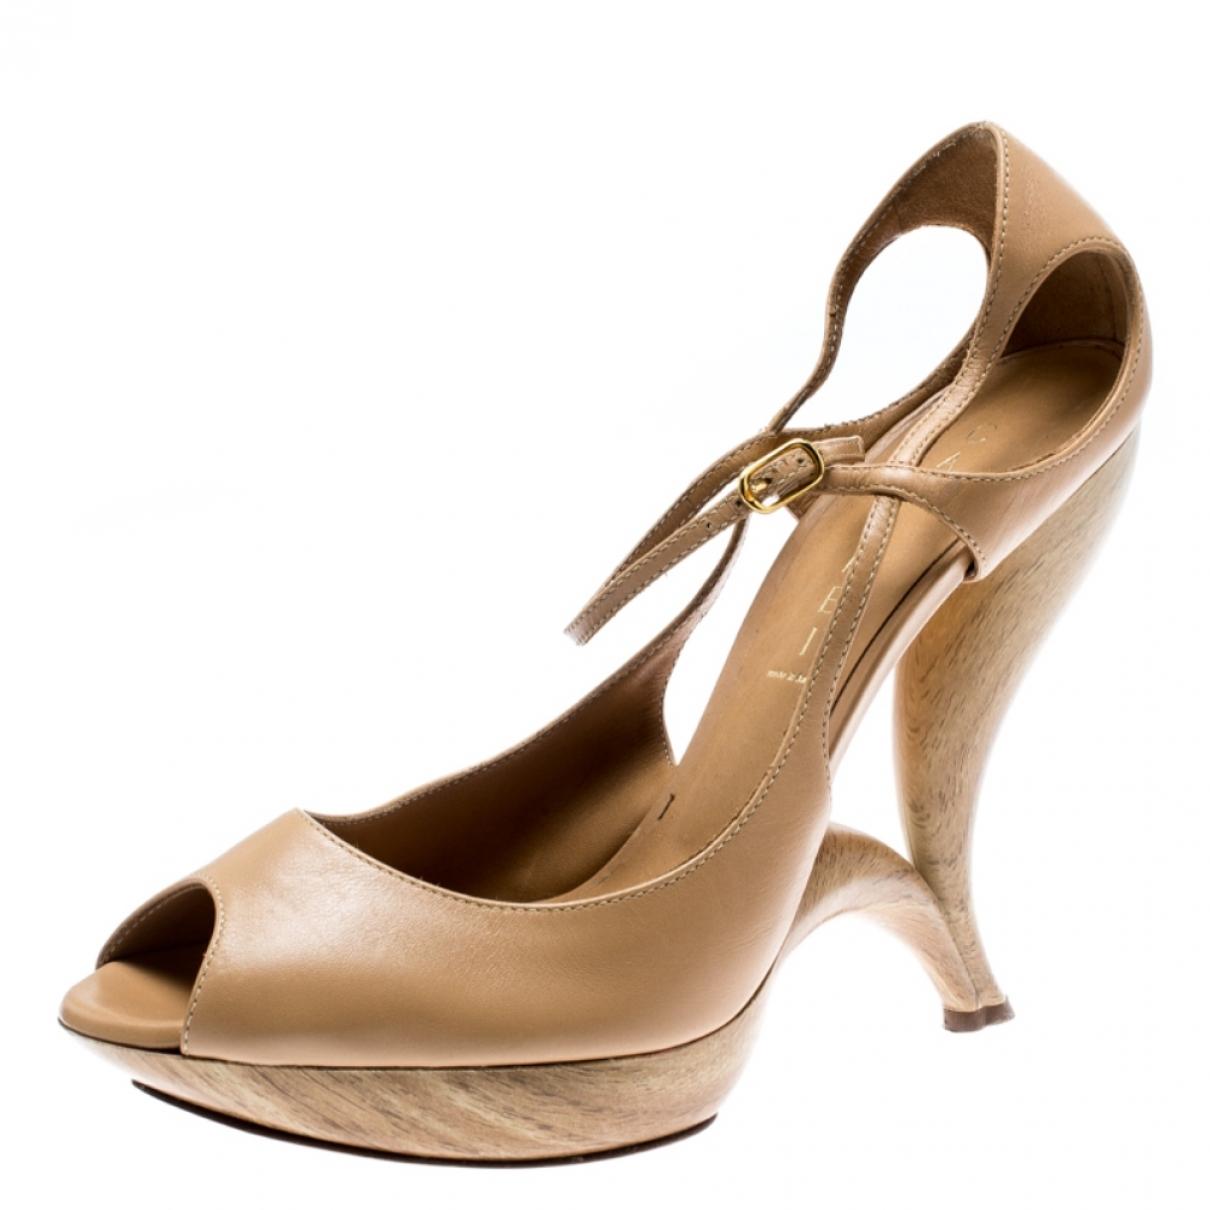 Casadei \N Beige Leather Heels for Women 40 EU